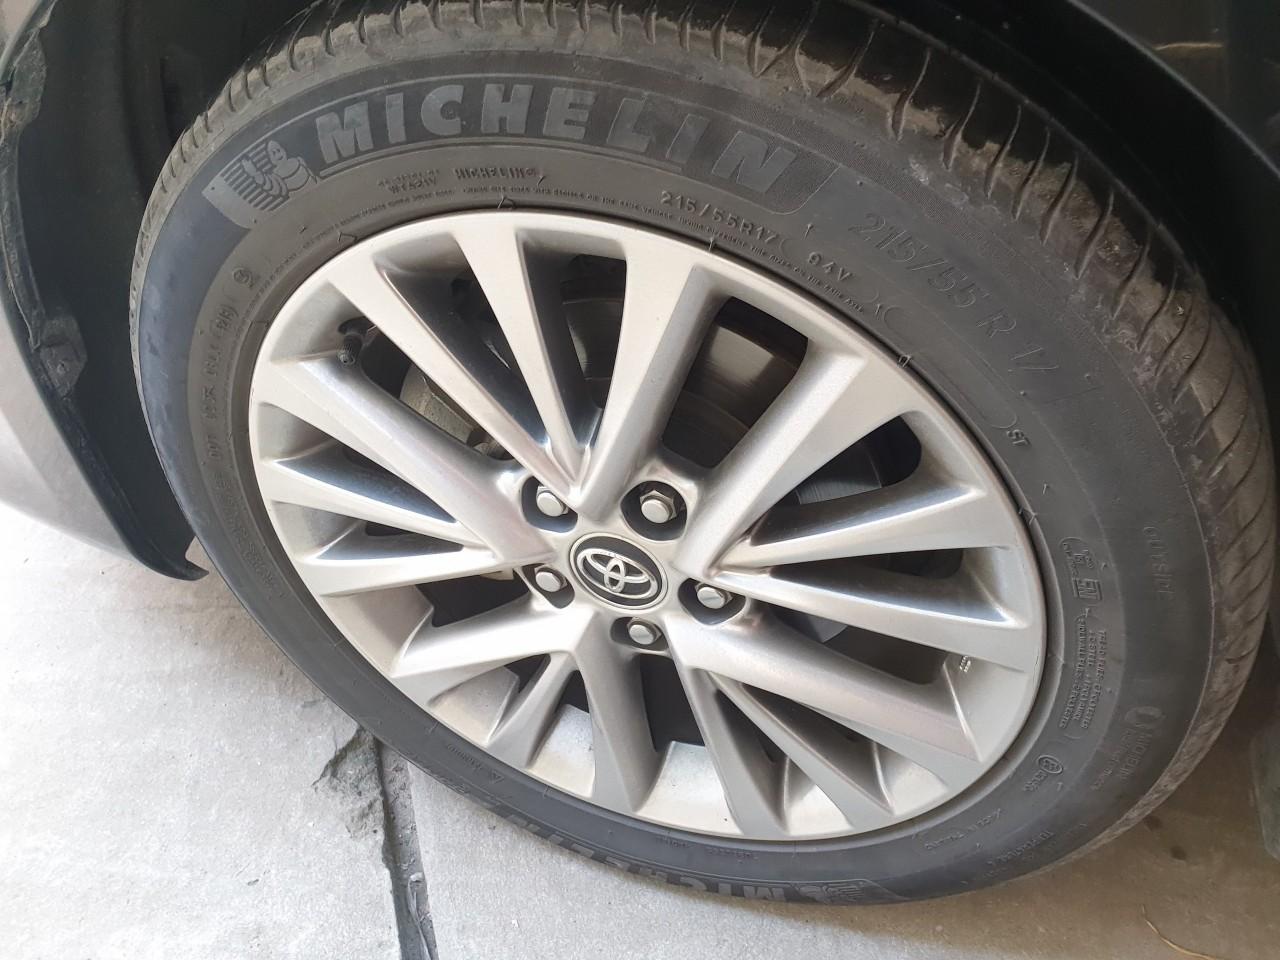 Toyota Camry 2018 2.5 Q - Bền bỉ vững vàng trên đường đi và cả đường đời